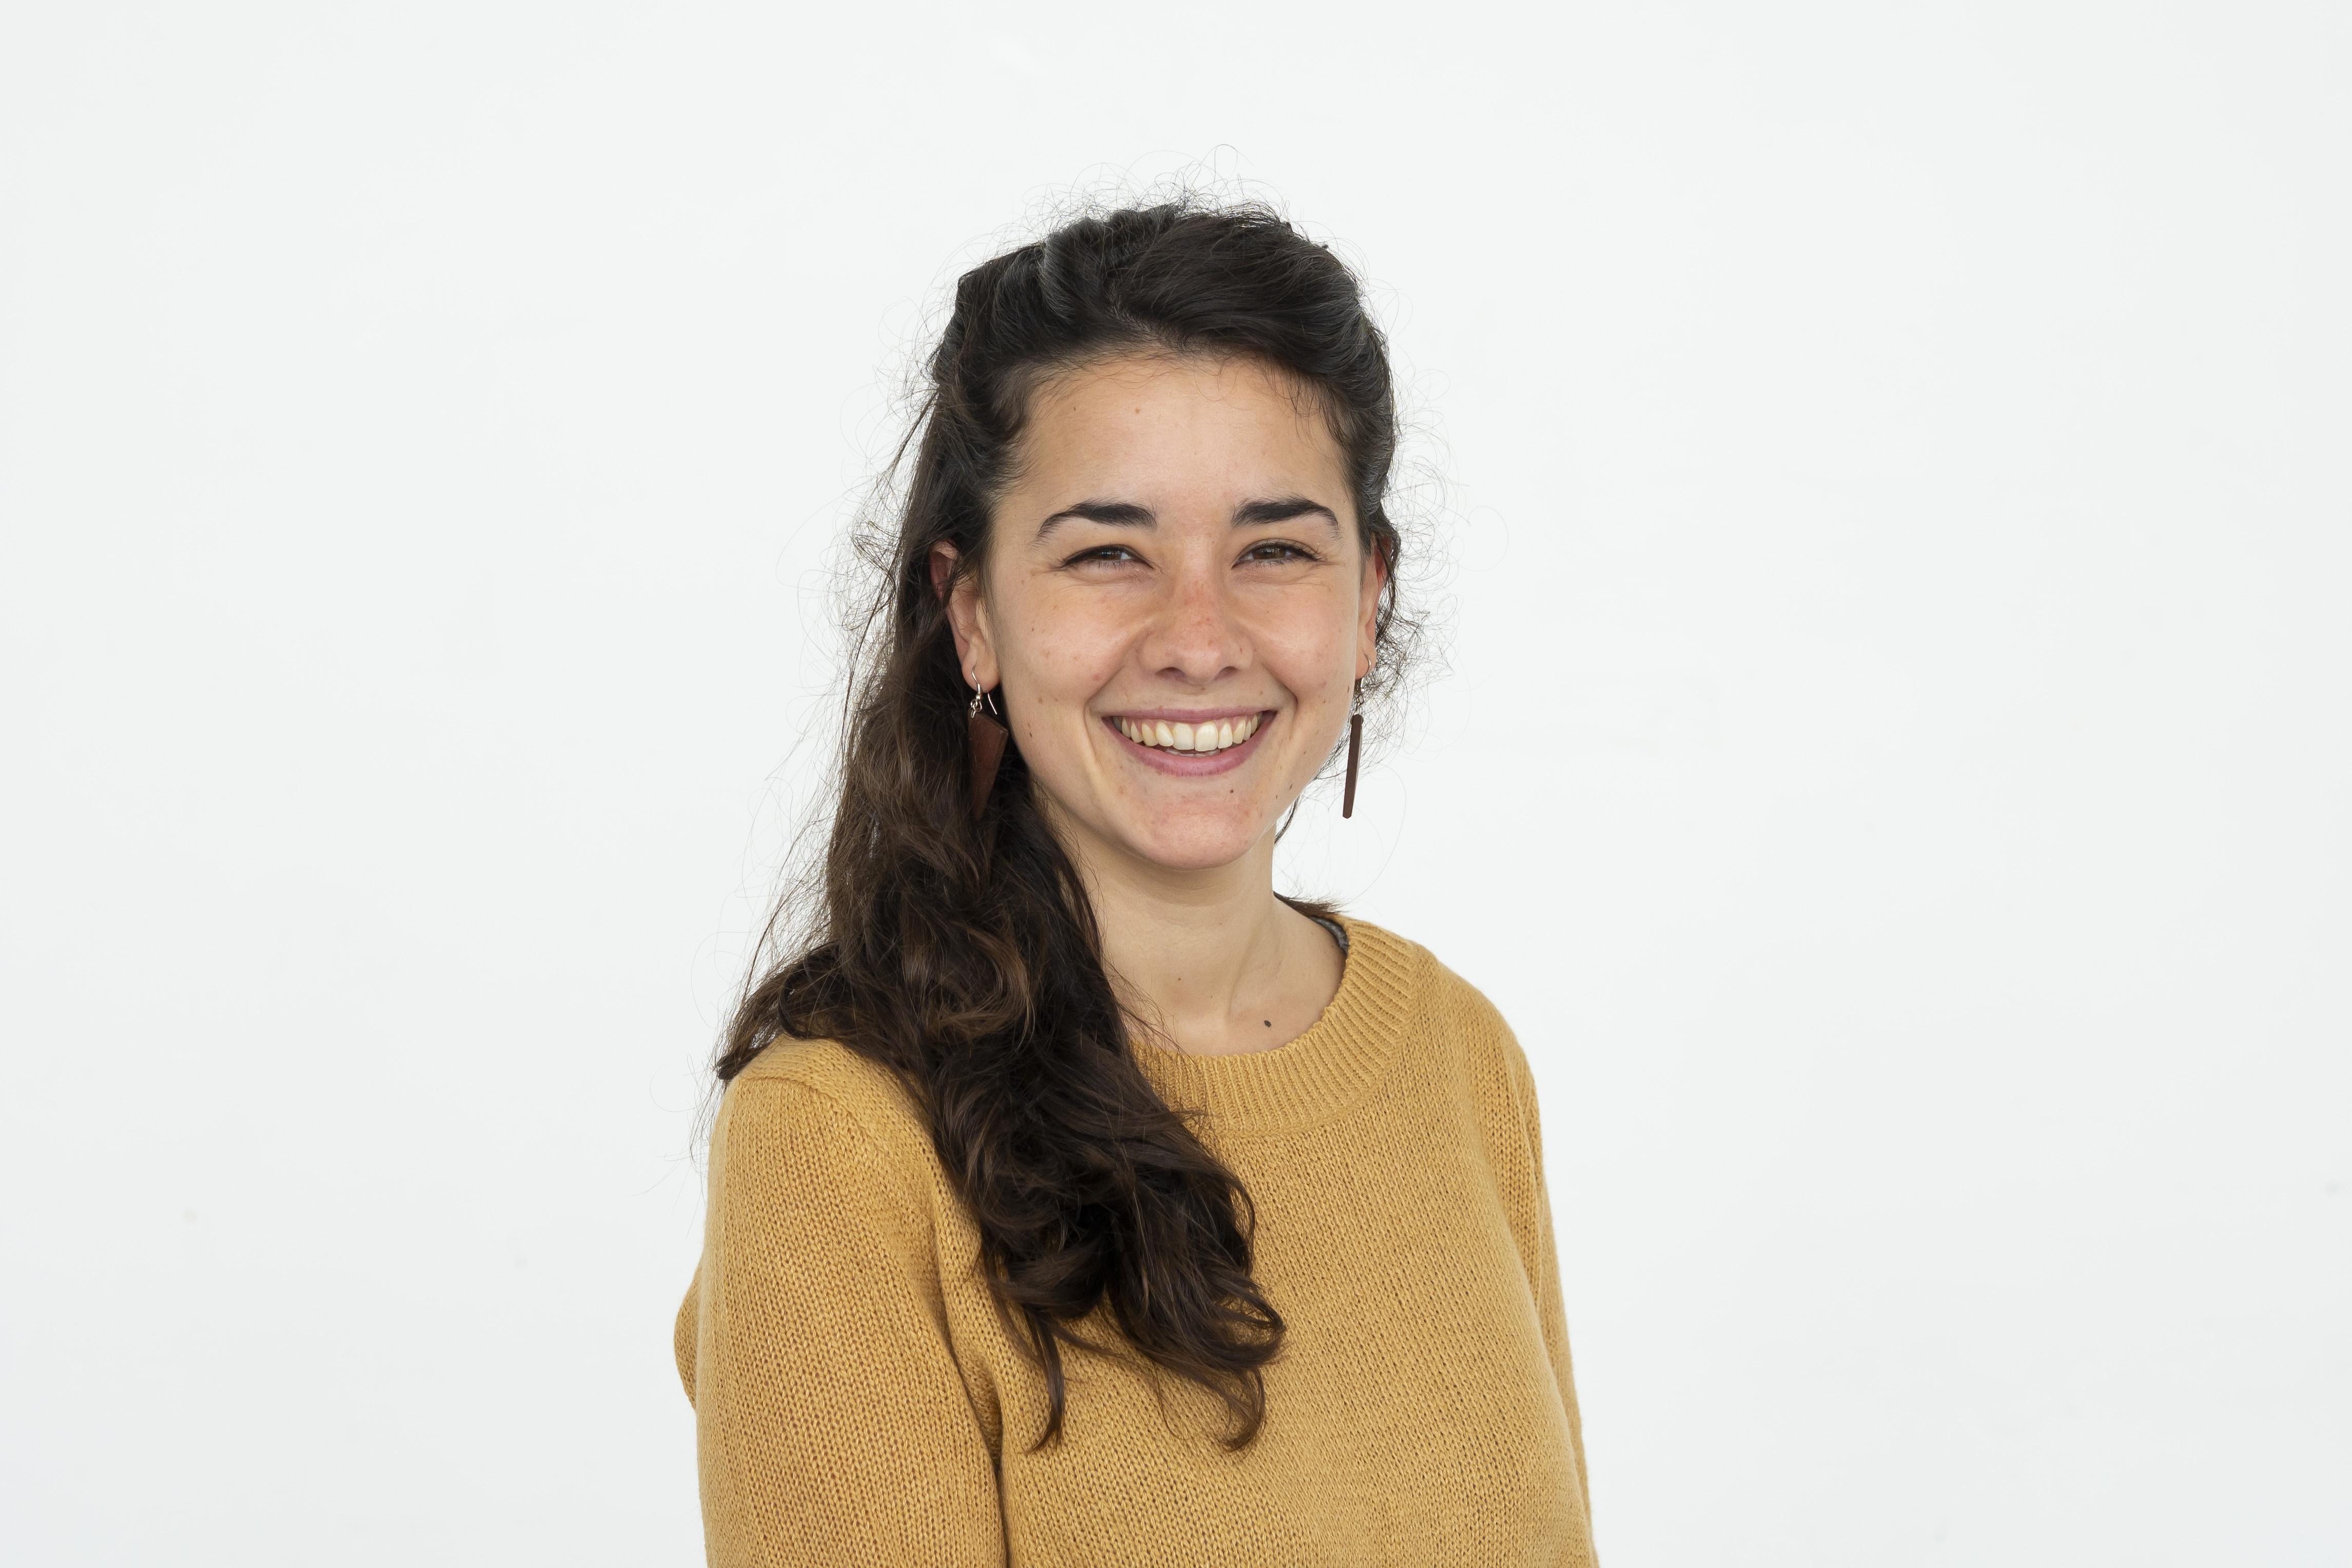 Mariana Ventura